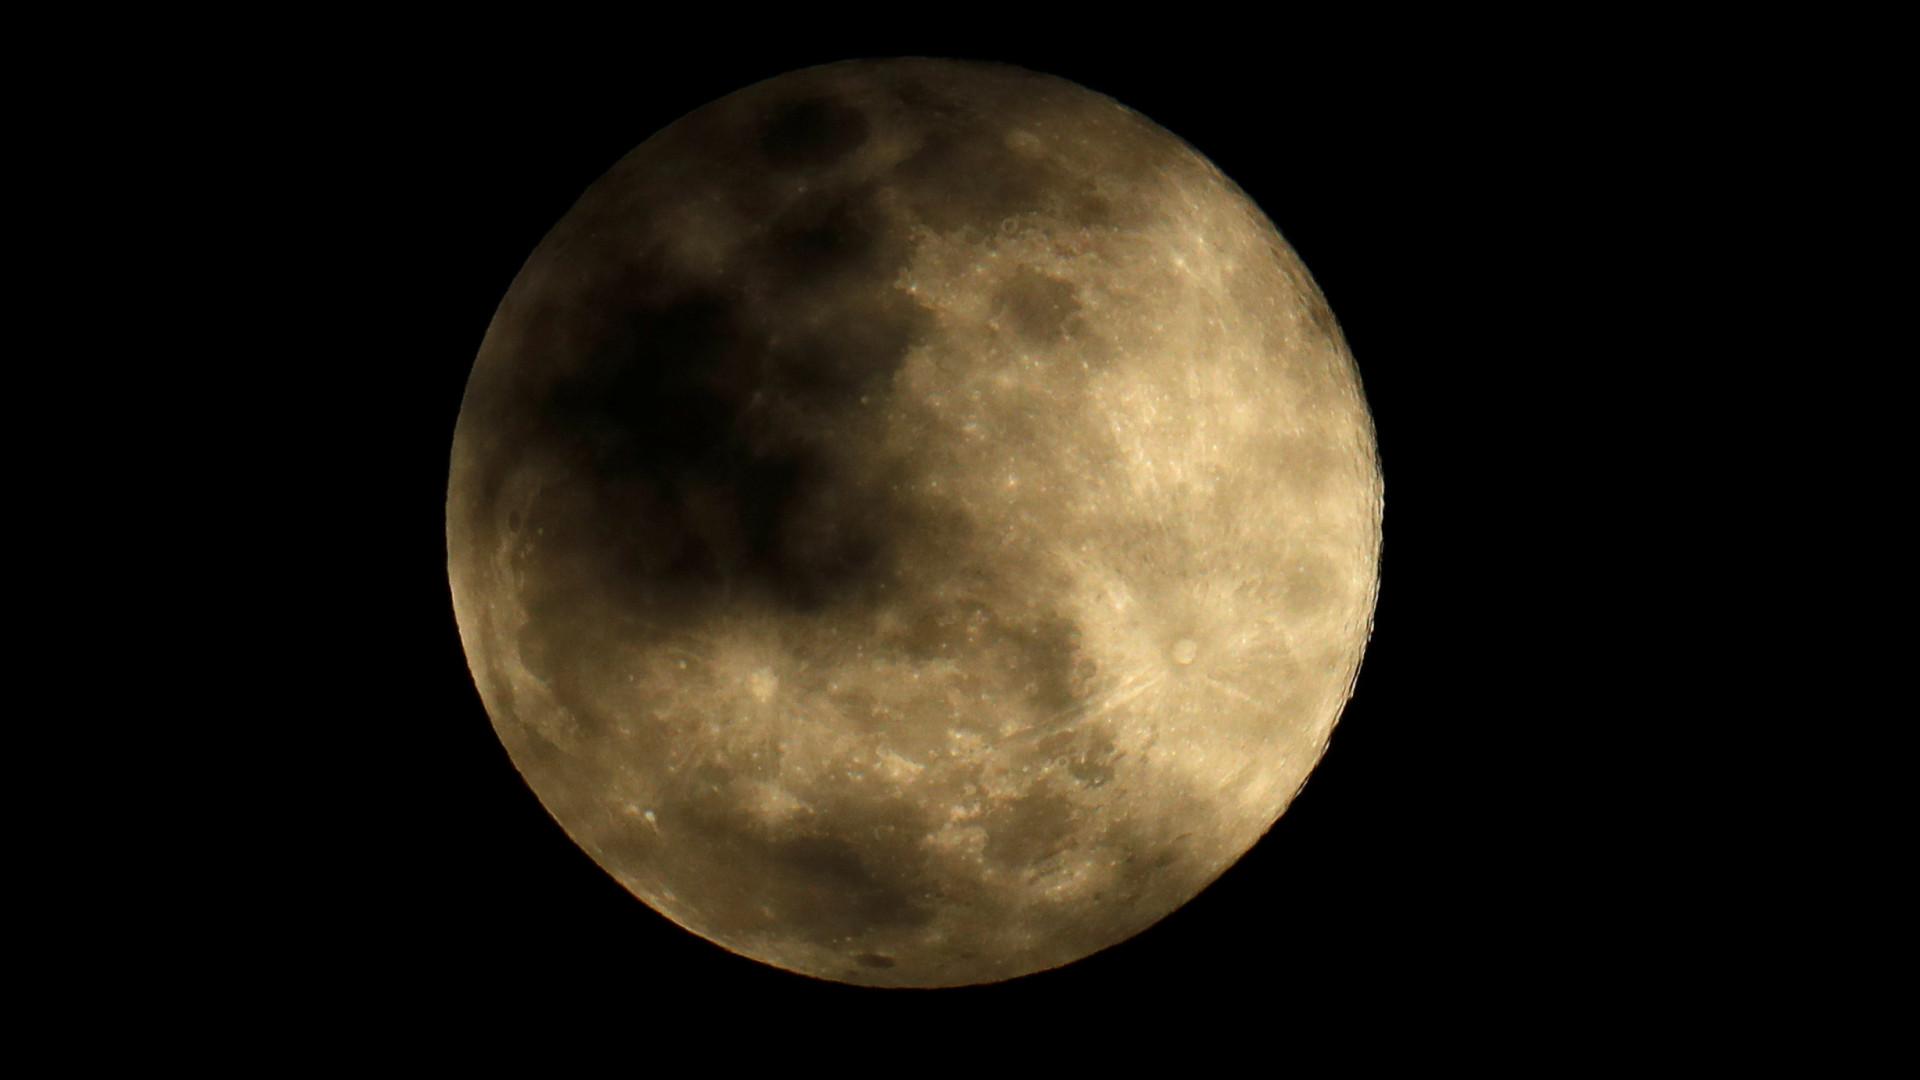 De Quarentena A Maior Super Lua Do Ano E Na Proxima Semana